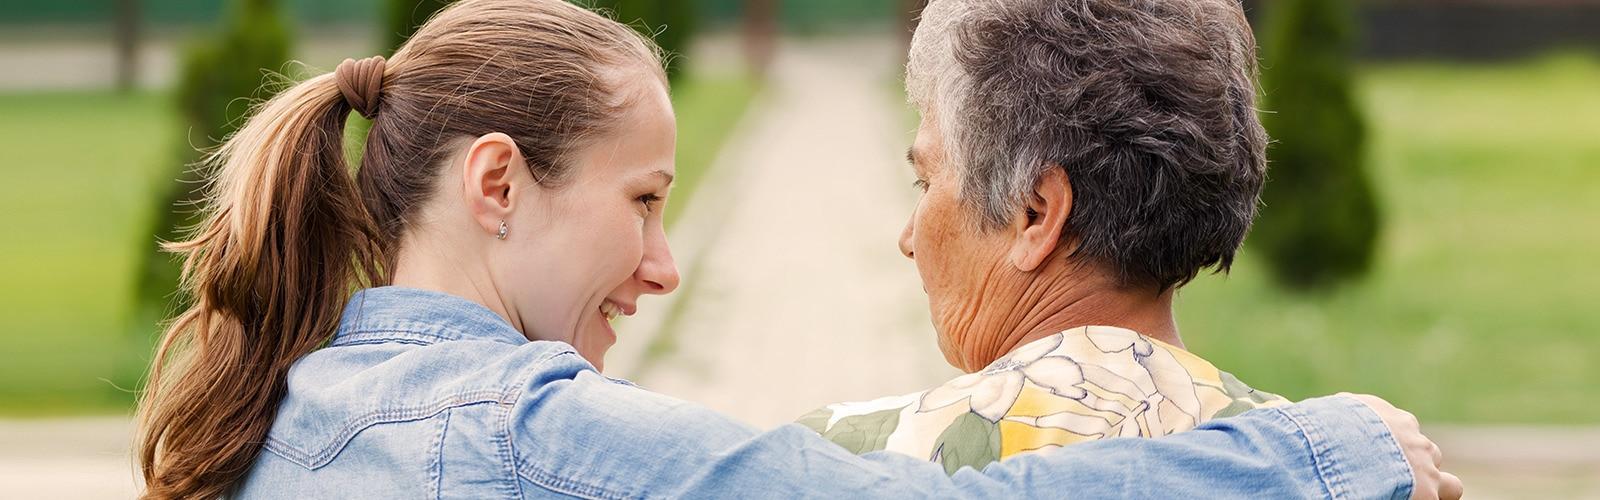 Mujer mayor sentada afuera con mujer joven: planifica tus cuidados